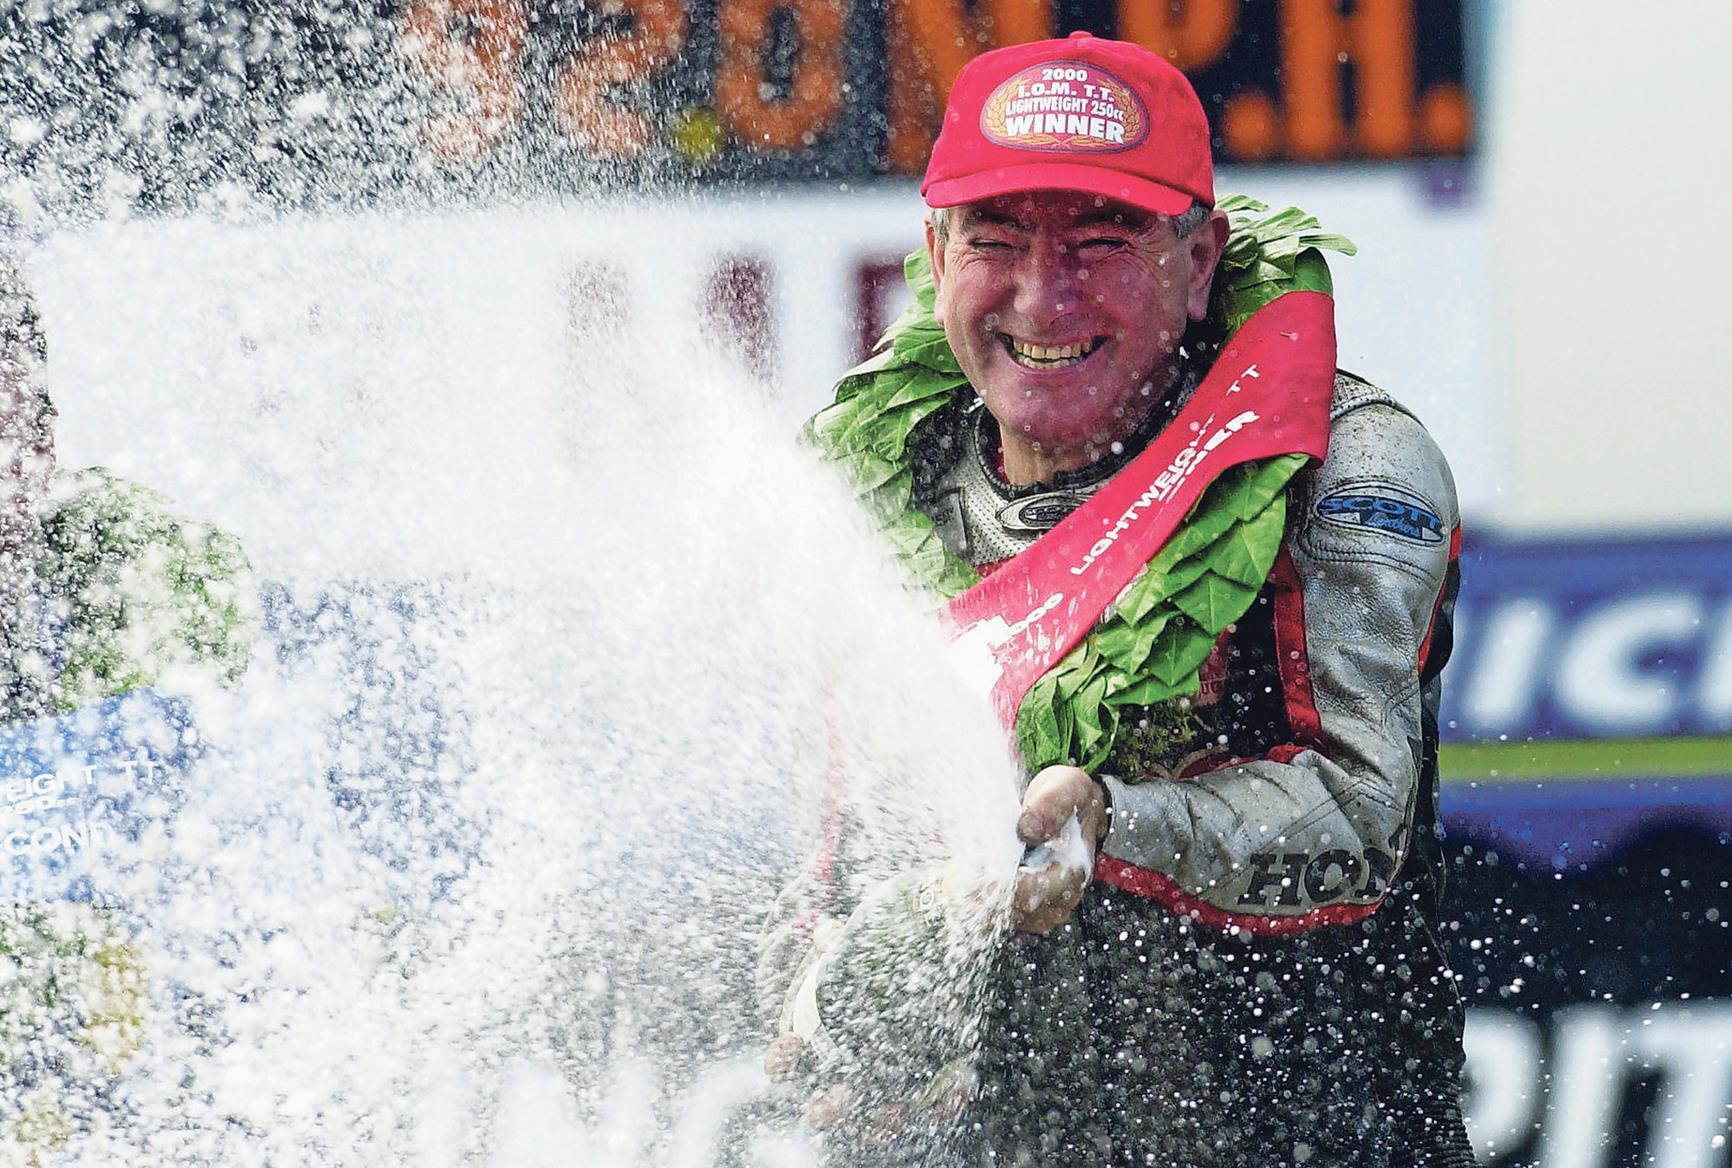 Joey Dunlop wins at the 2000 TT